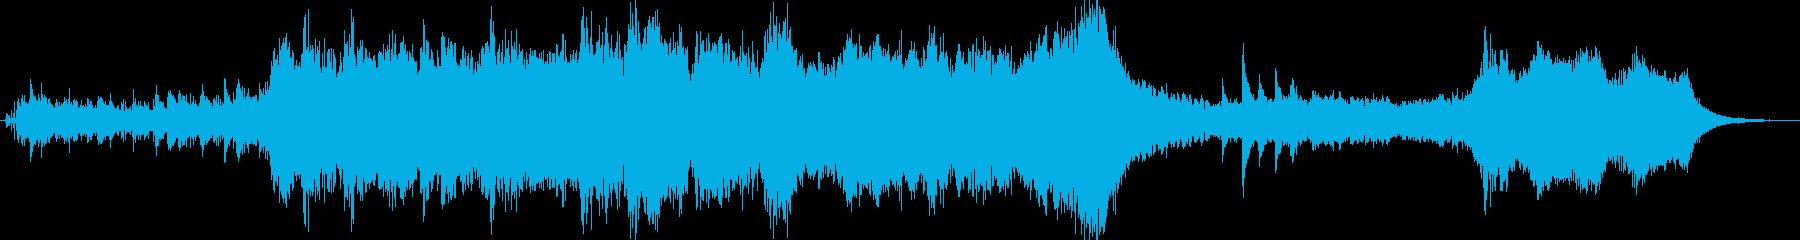 ファンタジックなオーケストラのジングルの再生済みの波形